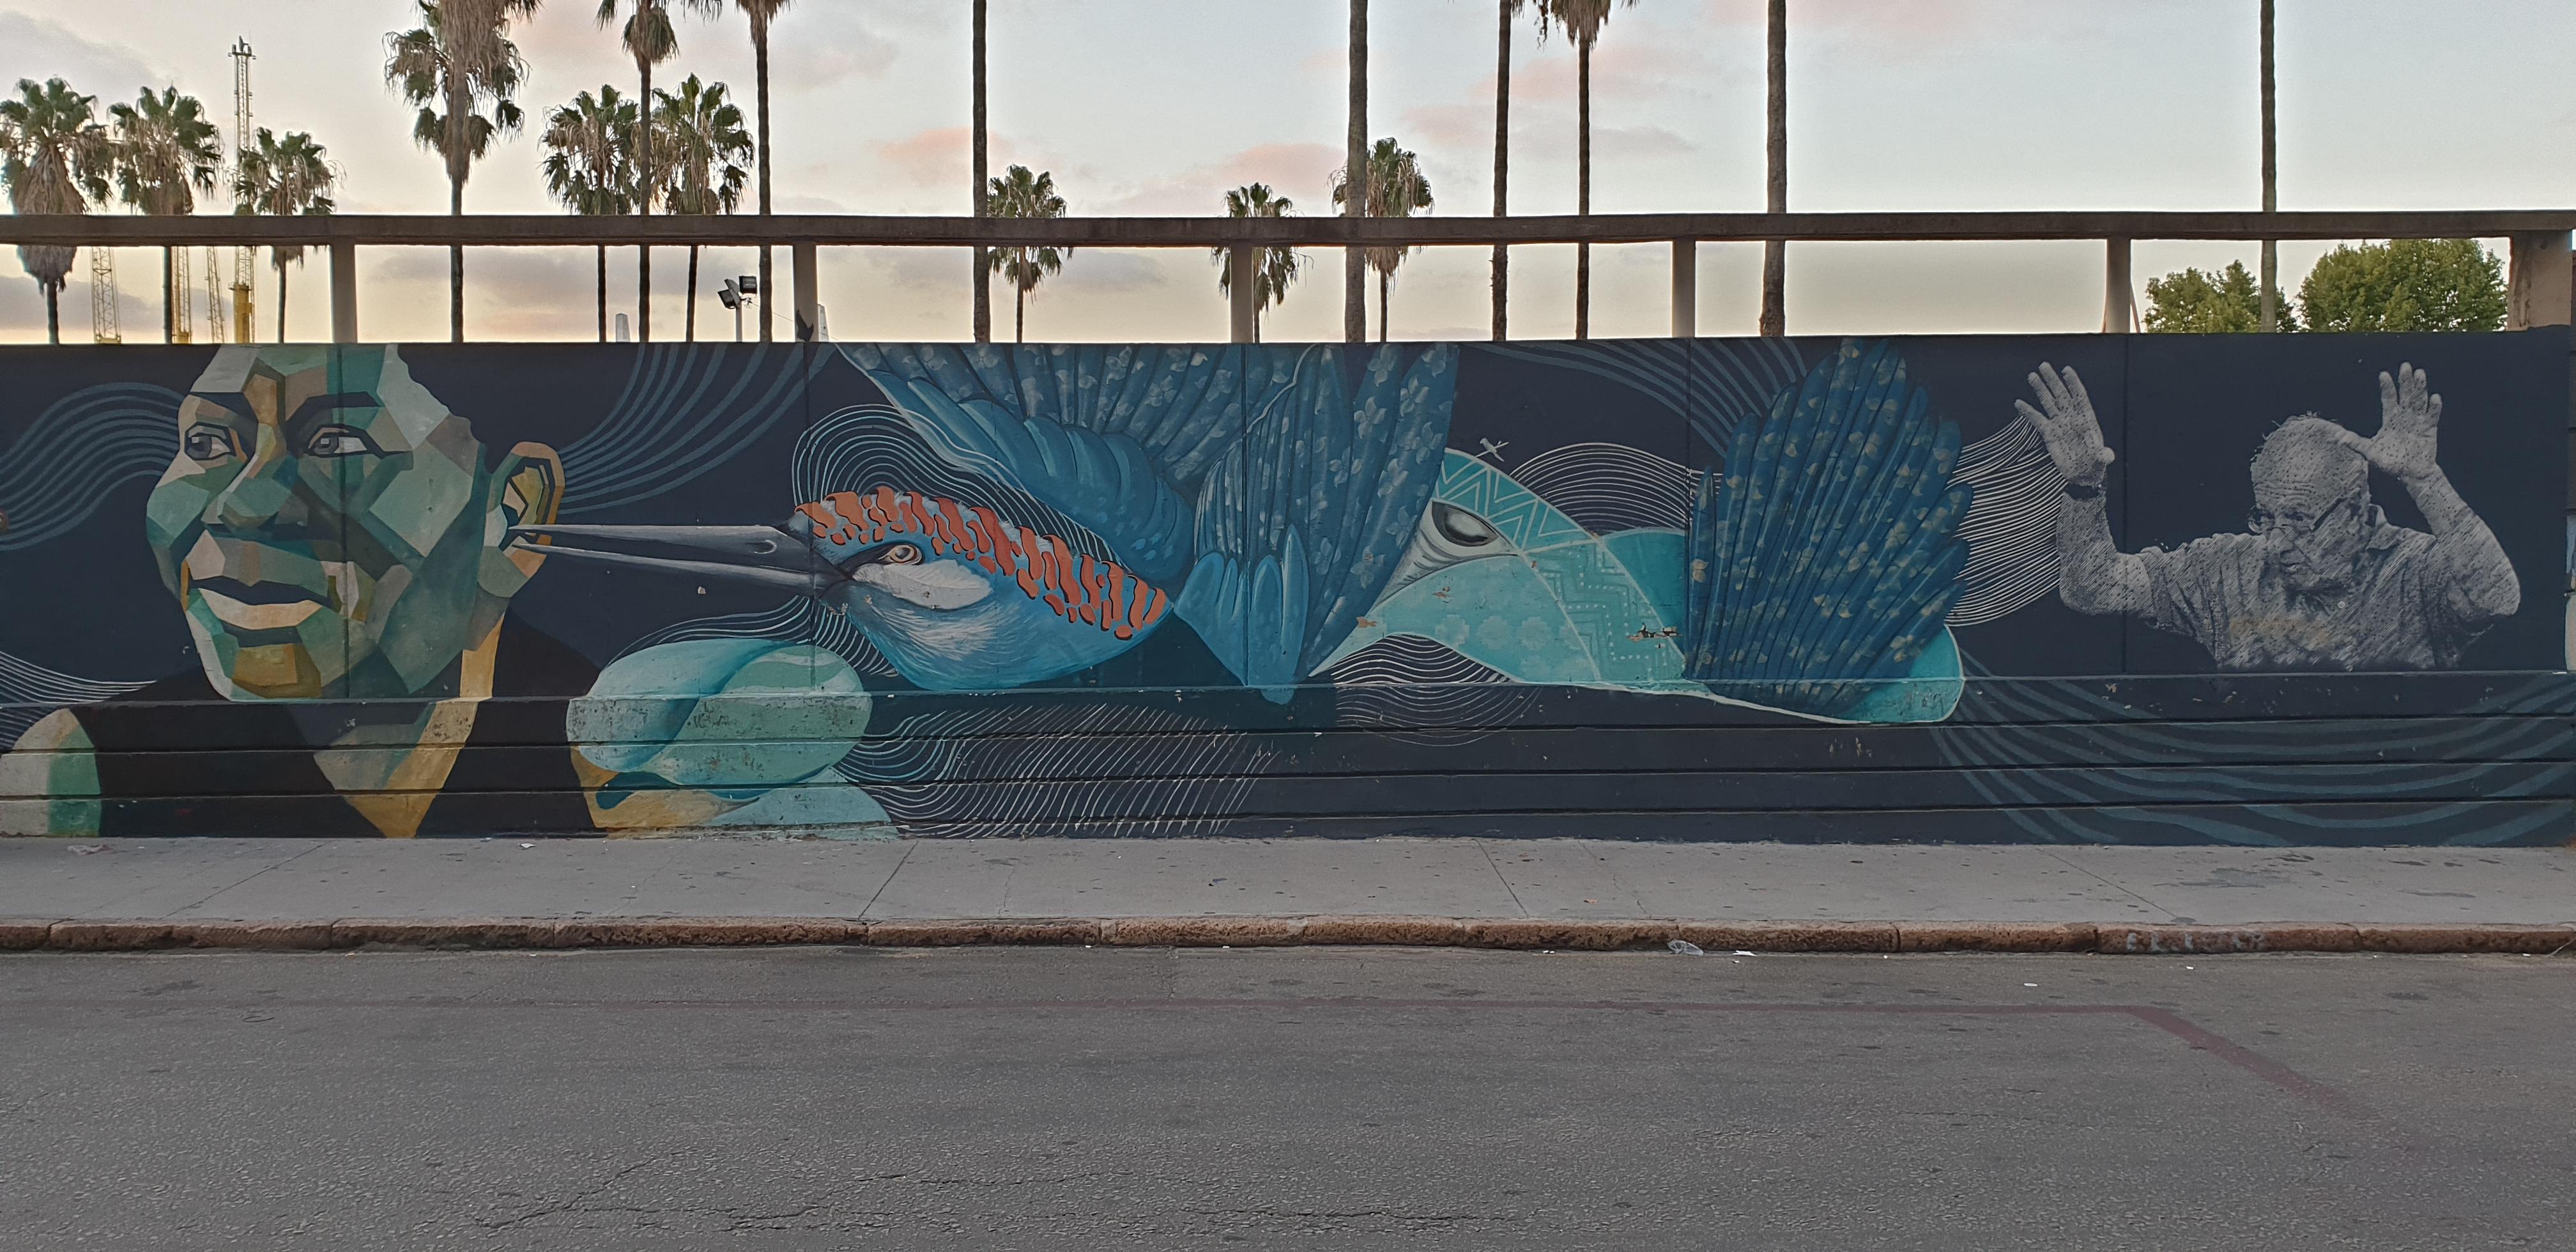 Mur réalisé par Pardos, El Santo, LEA, Andres Letop, Ivan Salazar - 2-Montevideo - Uruguay 2020 - ©nofakeinmynews.com